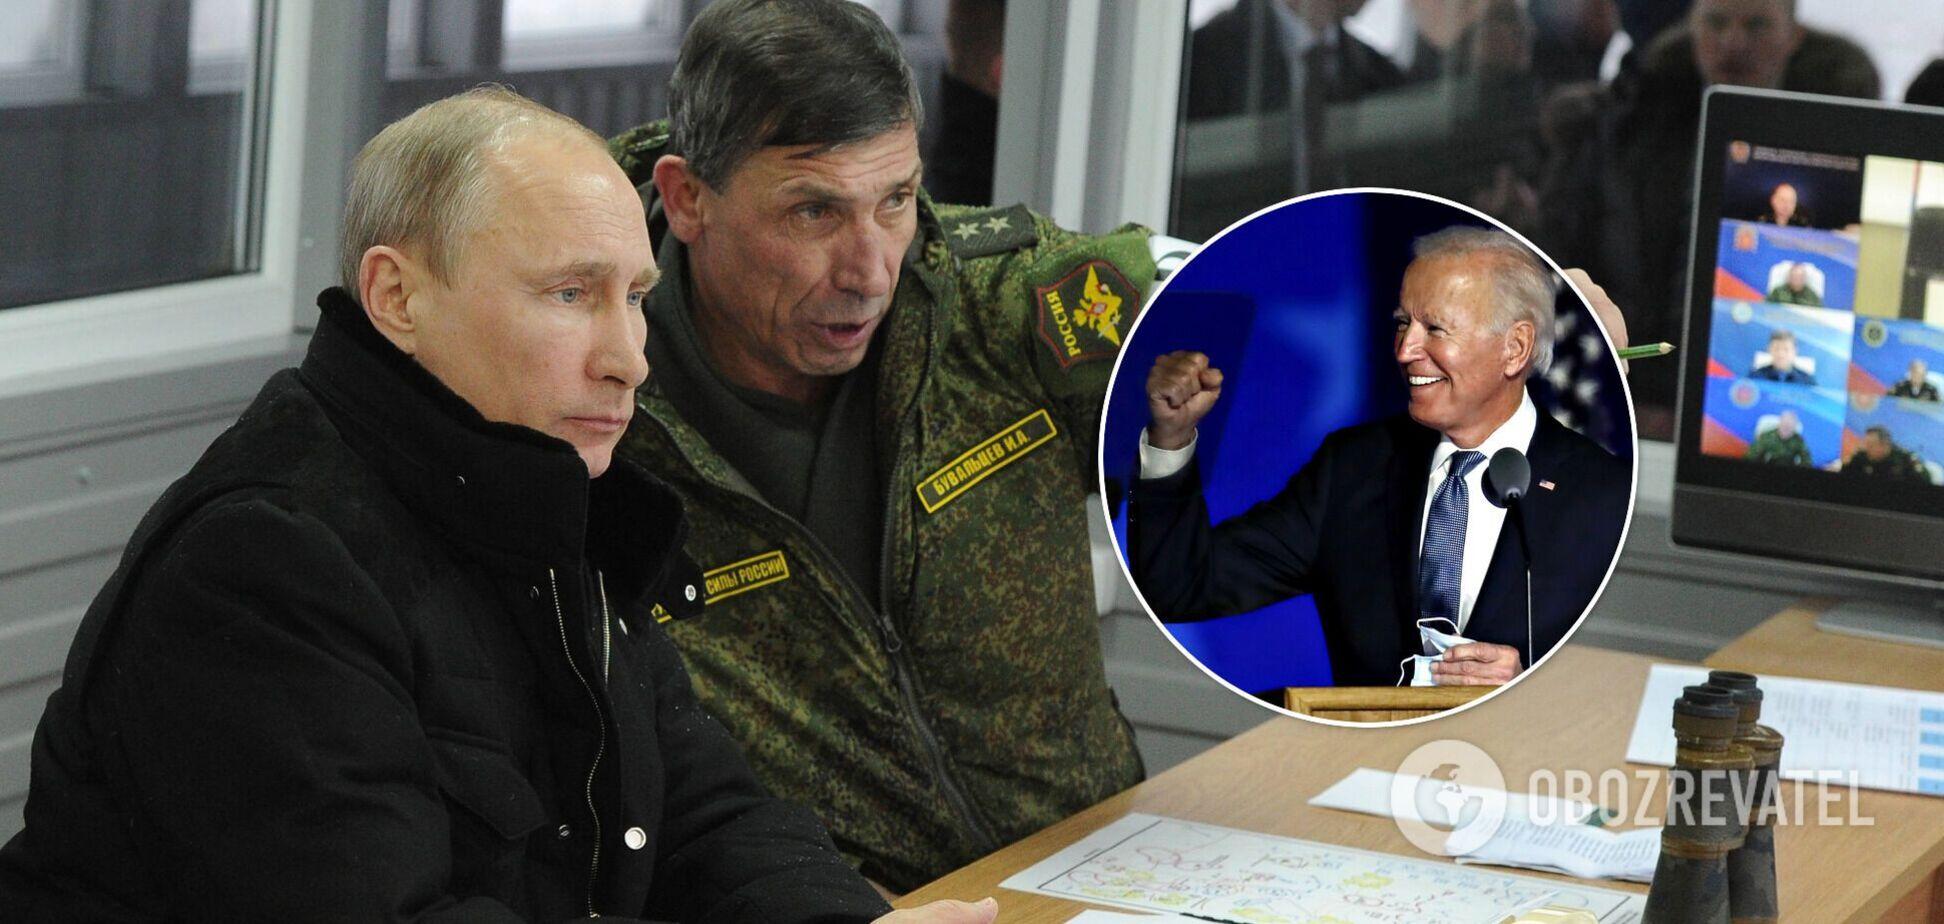 Якщо Путін почне велику війну в Україні, то його 'пацанский шлях' закінчиться в Гаазі, – Яковенко